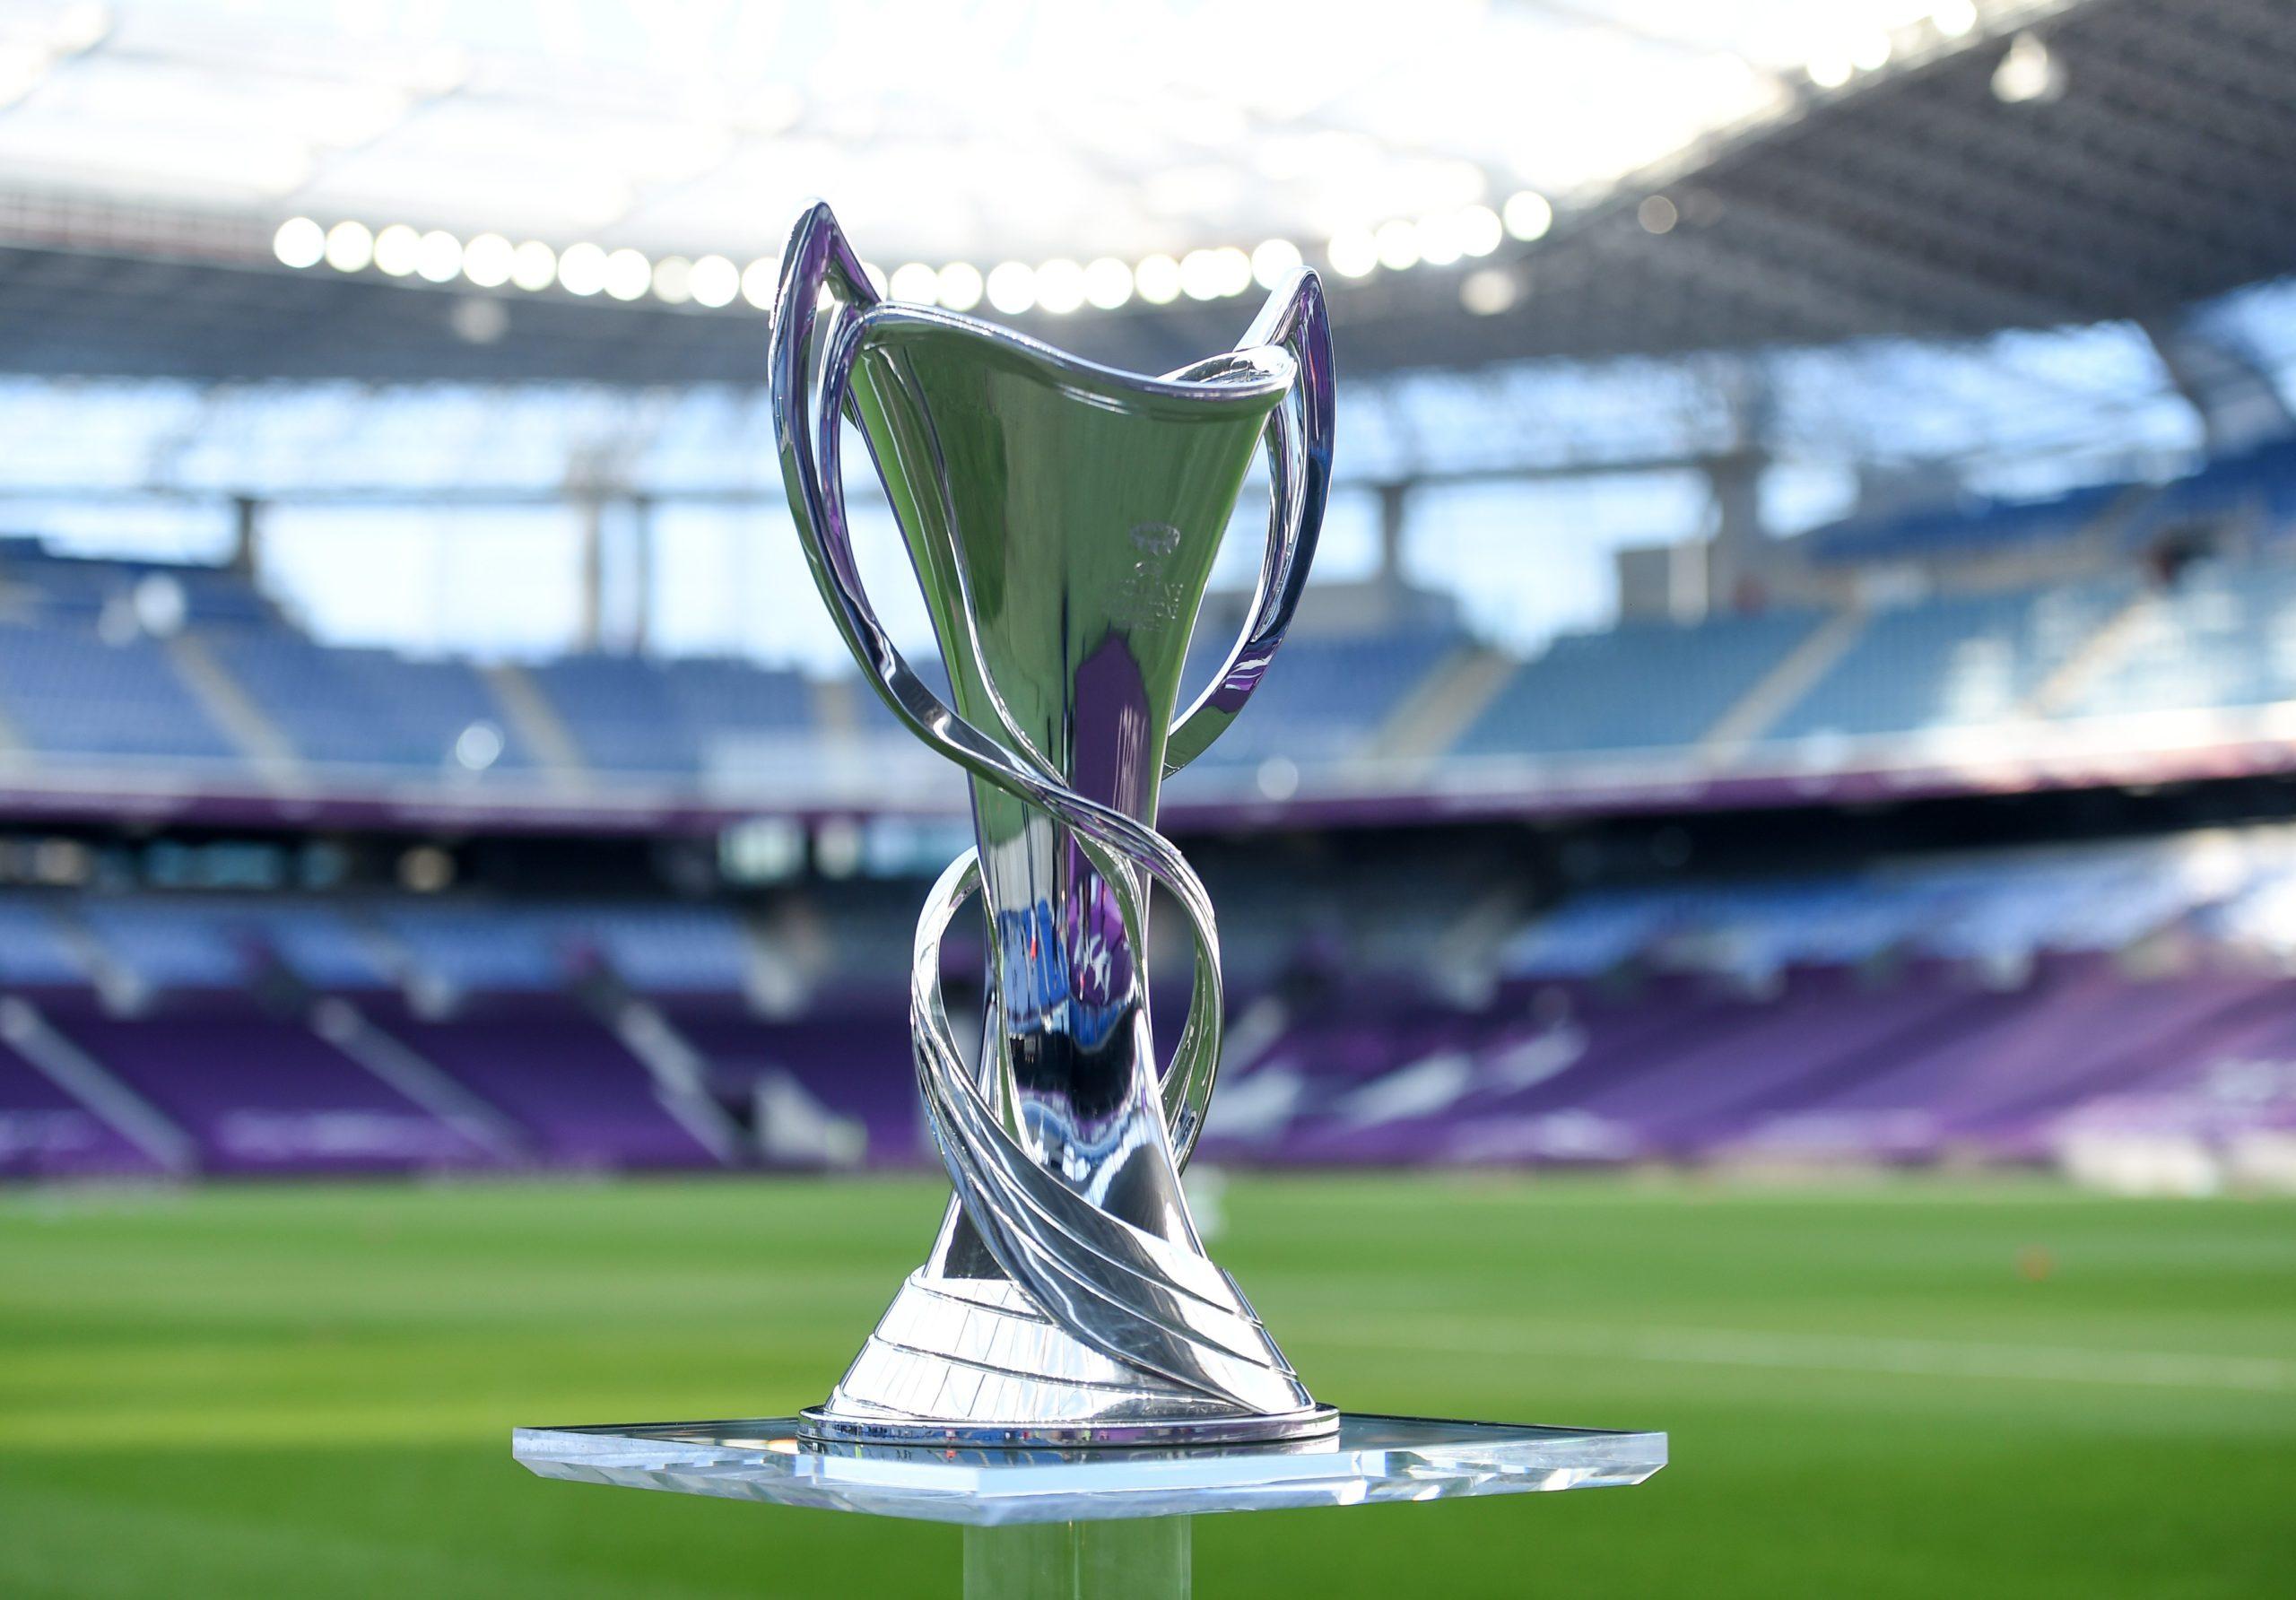 Oitavas de final da Champions League começa nesta quarta-feira - Olimpia Sports